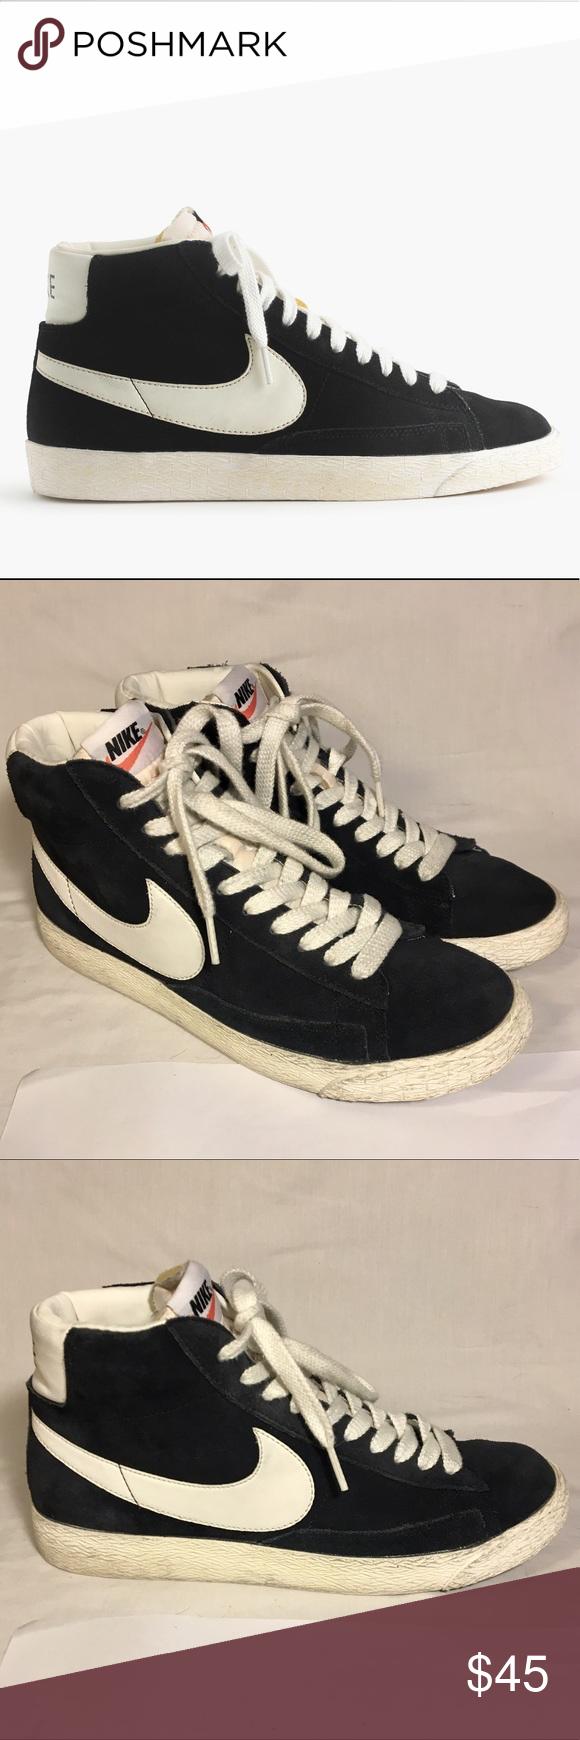 Nike® Blazer high suede vintage sneakers Nike® Blazer high suede vintage  sneakers / J